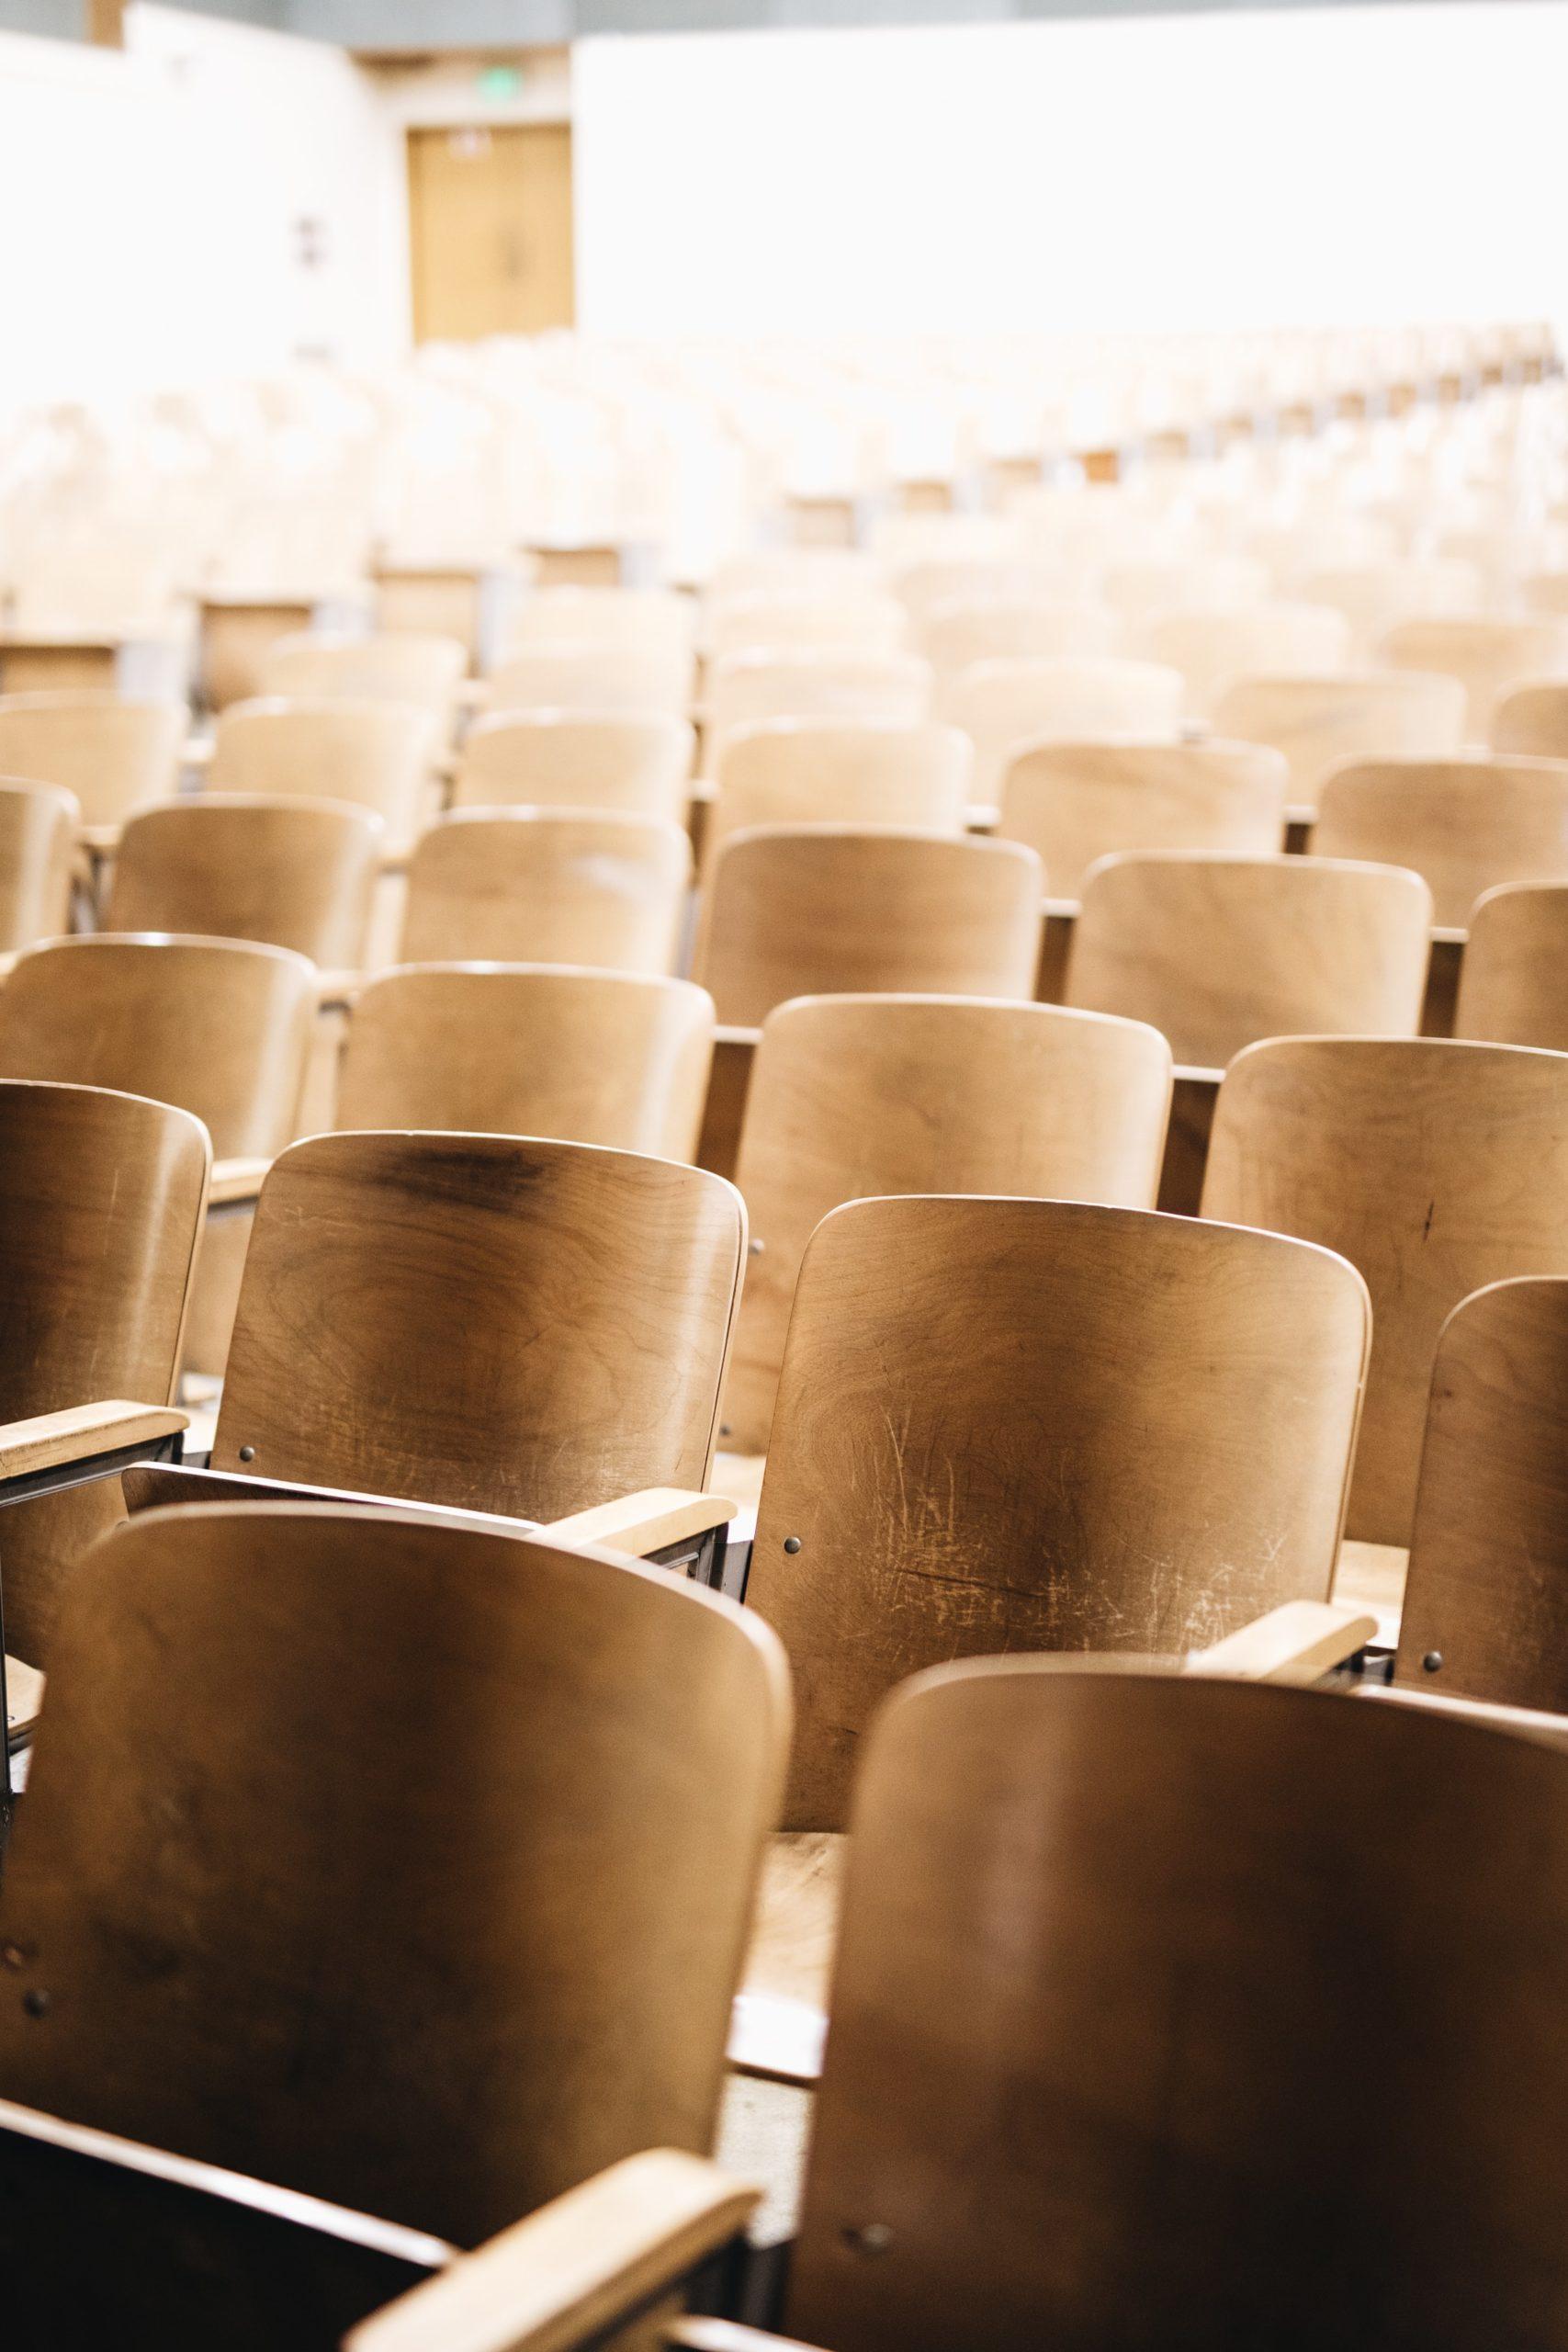 Ich fordere die Schließung der Schulen und anderer öffentlicher Einrichtungen zum Schutz vor Corona